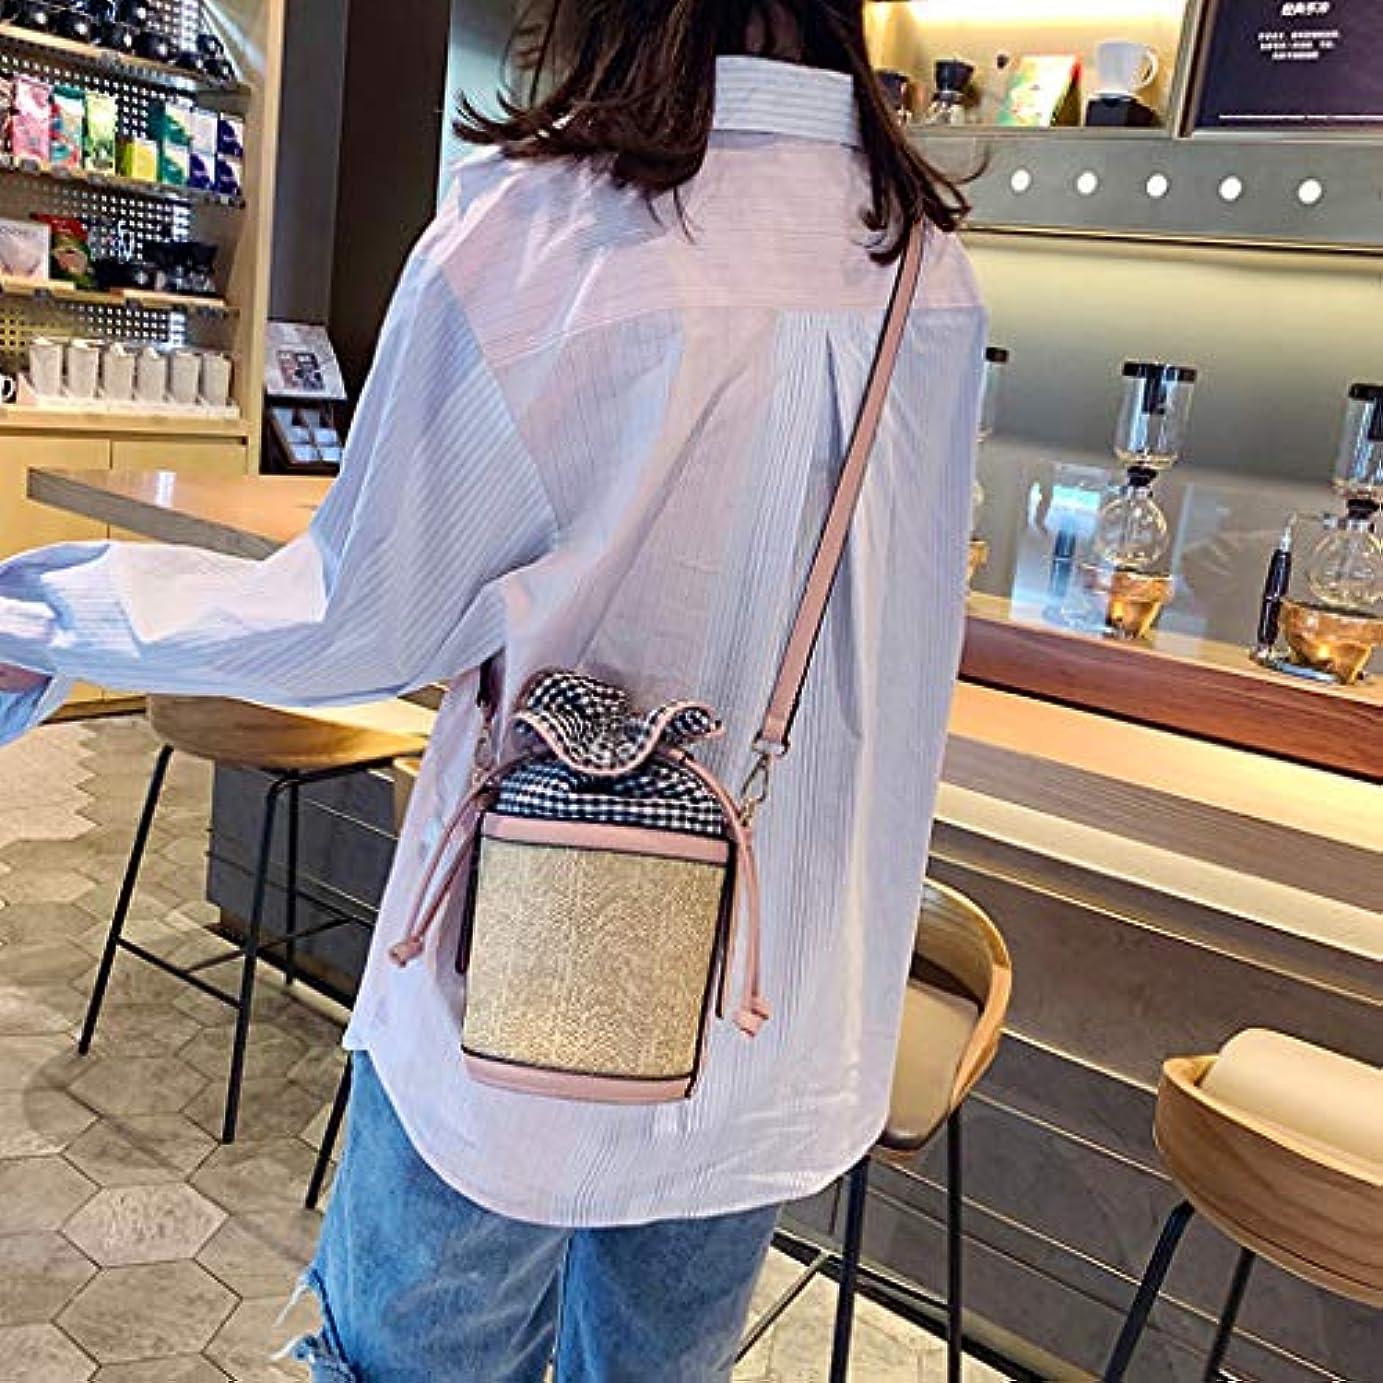 シンプトン現代の女王ファッション女性レトロ織り格子革バケットバッグクロスボディバッグショルダーバッグ、女性のヴィンテージ織格子縞ステッチバケットバッグ斜めバッグ (ピンク)